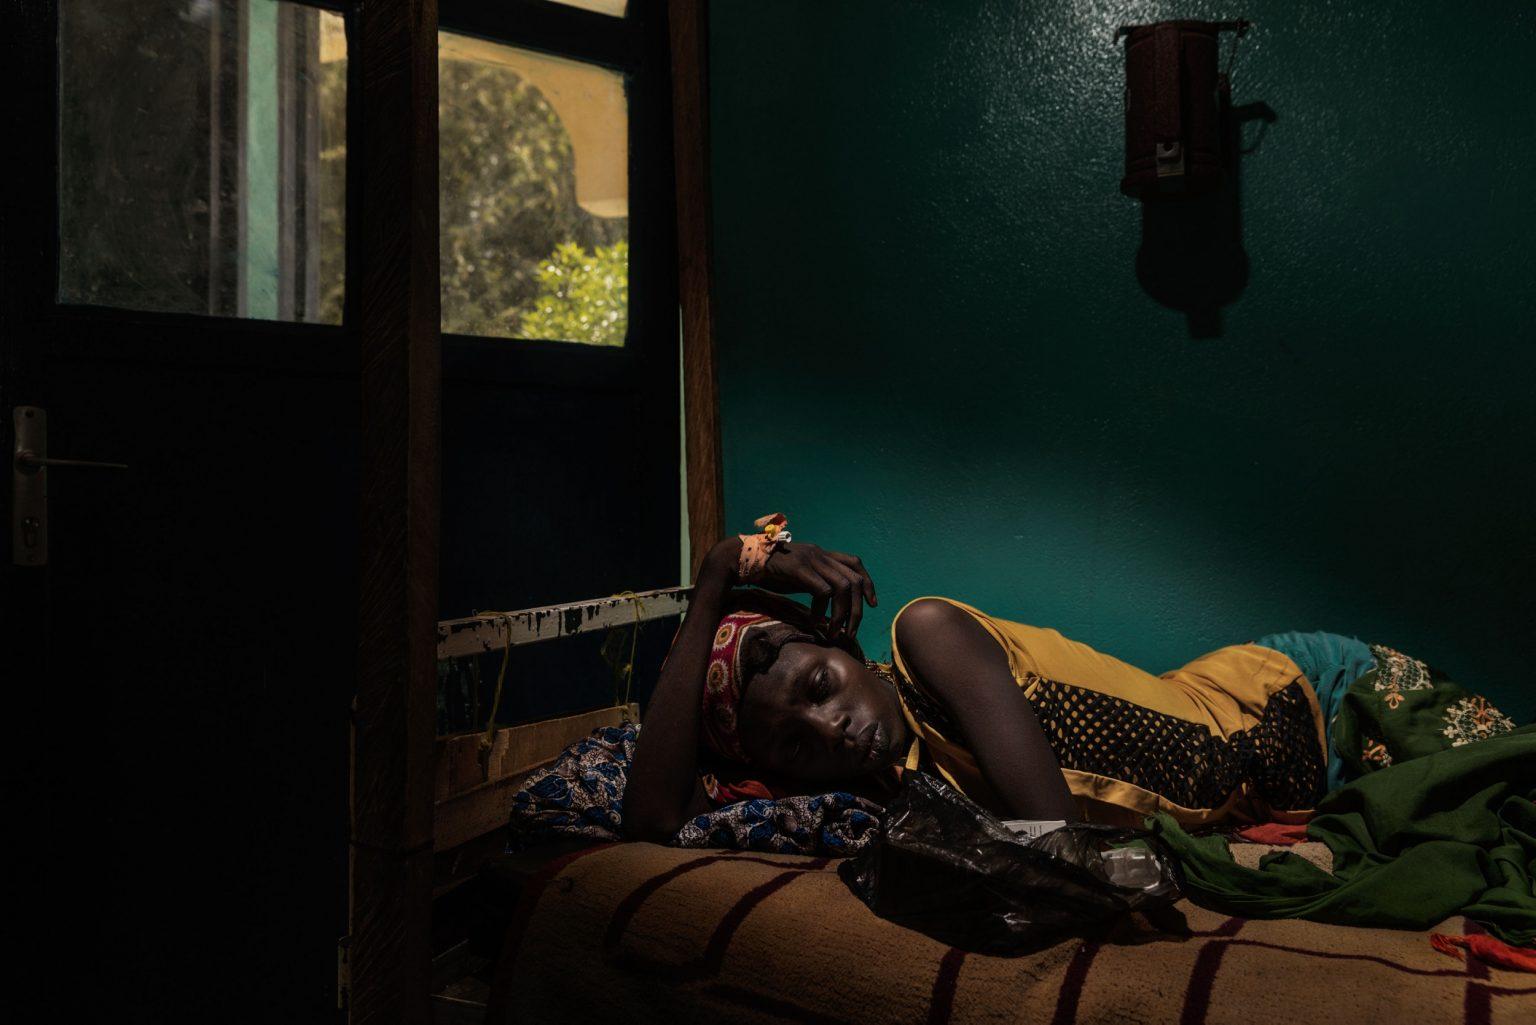 Africa, Chad, Bol, October 2018 - AIDS has spread exponentially since the Boko Haram war and worsened,  due to the sexual violence perpetrated by the Islamists.  Arta Brachir, aged 12, was admitted to hospital for a suspected case of malaria, and was diagnosed HIV positive. Fearful of the stigma, her grandmother hides the way she contracted the infection, telling people she caught it while she was having her hair plaited. >< Africa, Ciad, Bol, Ottobre 2018 - L'AIDS si è diffusa in maniera esponenziale dalla guerra di Boko Haram, per via delle violenze sessuali perpetrate dagli Islamisti. Arta Brachir, 12 anni, è stata ricoverata in ospedale per un sospetto caso di malaria, ma è stata diagnosticata positiva al virus dell'HIV. La nonna, che teme il pregiudizio, nasconde il modo in cui la ragazza ha contratto l'infezione, raccontando alle persone che è stata contagiata mentre si stava facendo le trecce ai capelli.*** SPECIAL   FEE   APPLIES *** *** Local Caption *** 01362911